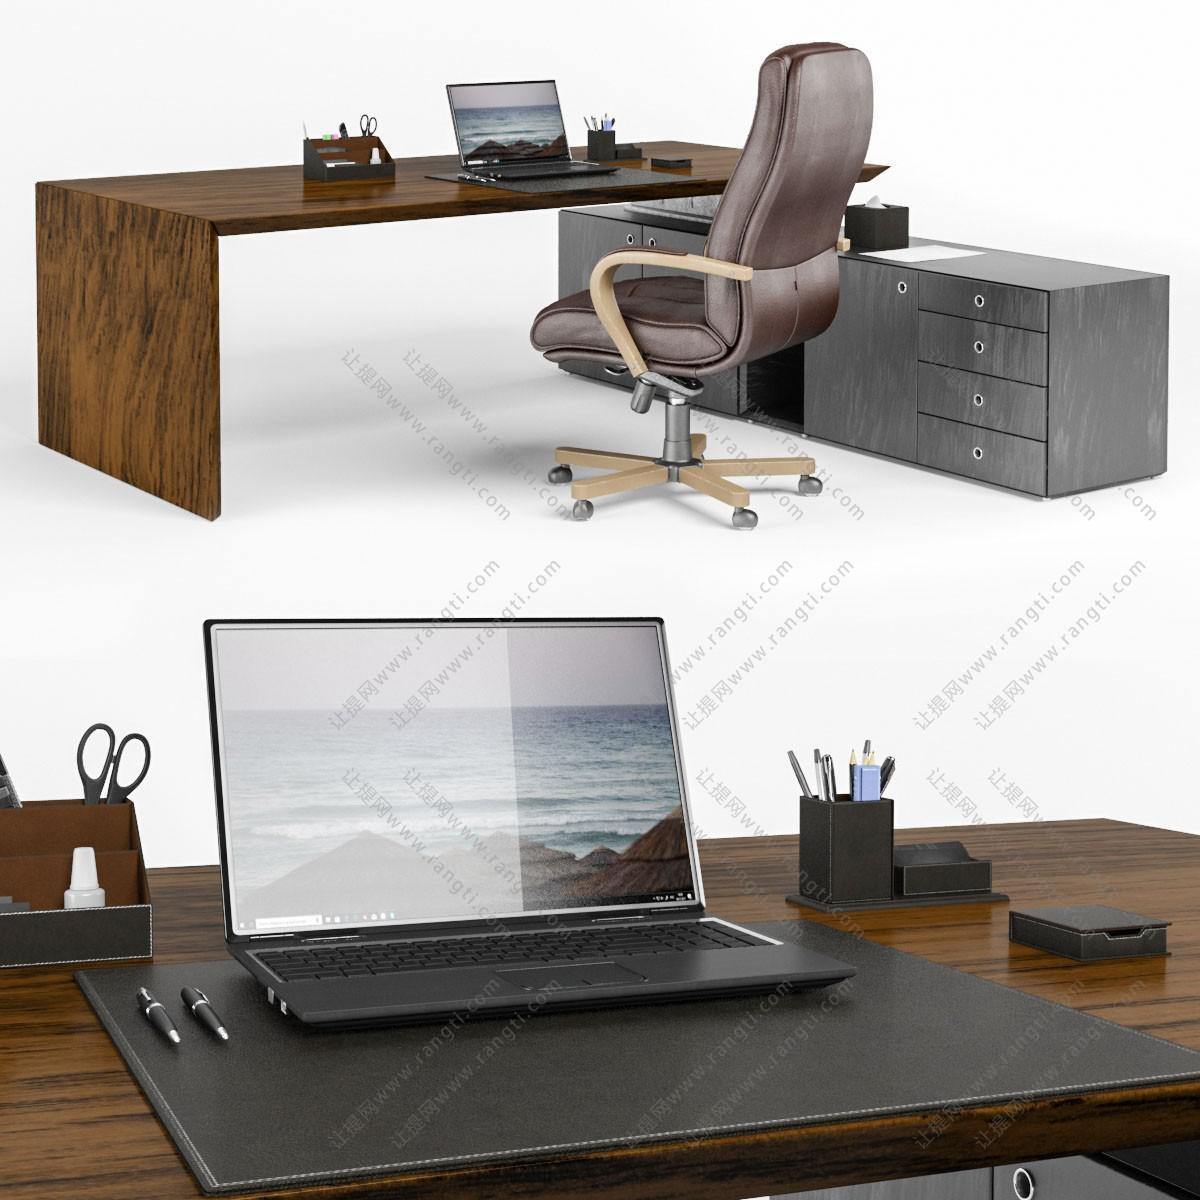 现代老板桌办公桌、办公椅、转椅组合3D模型